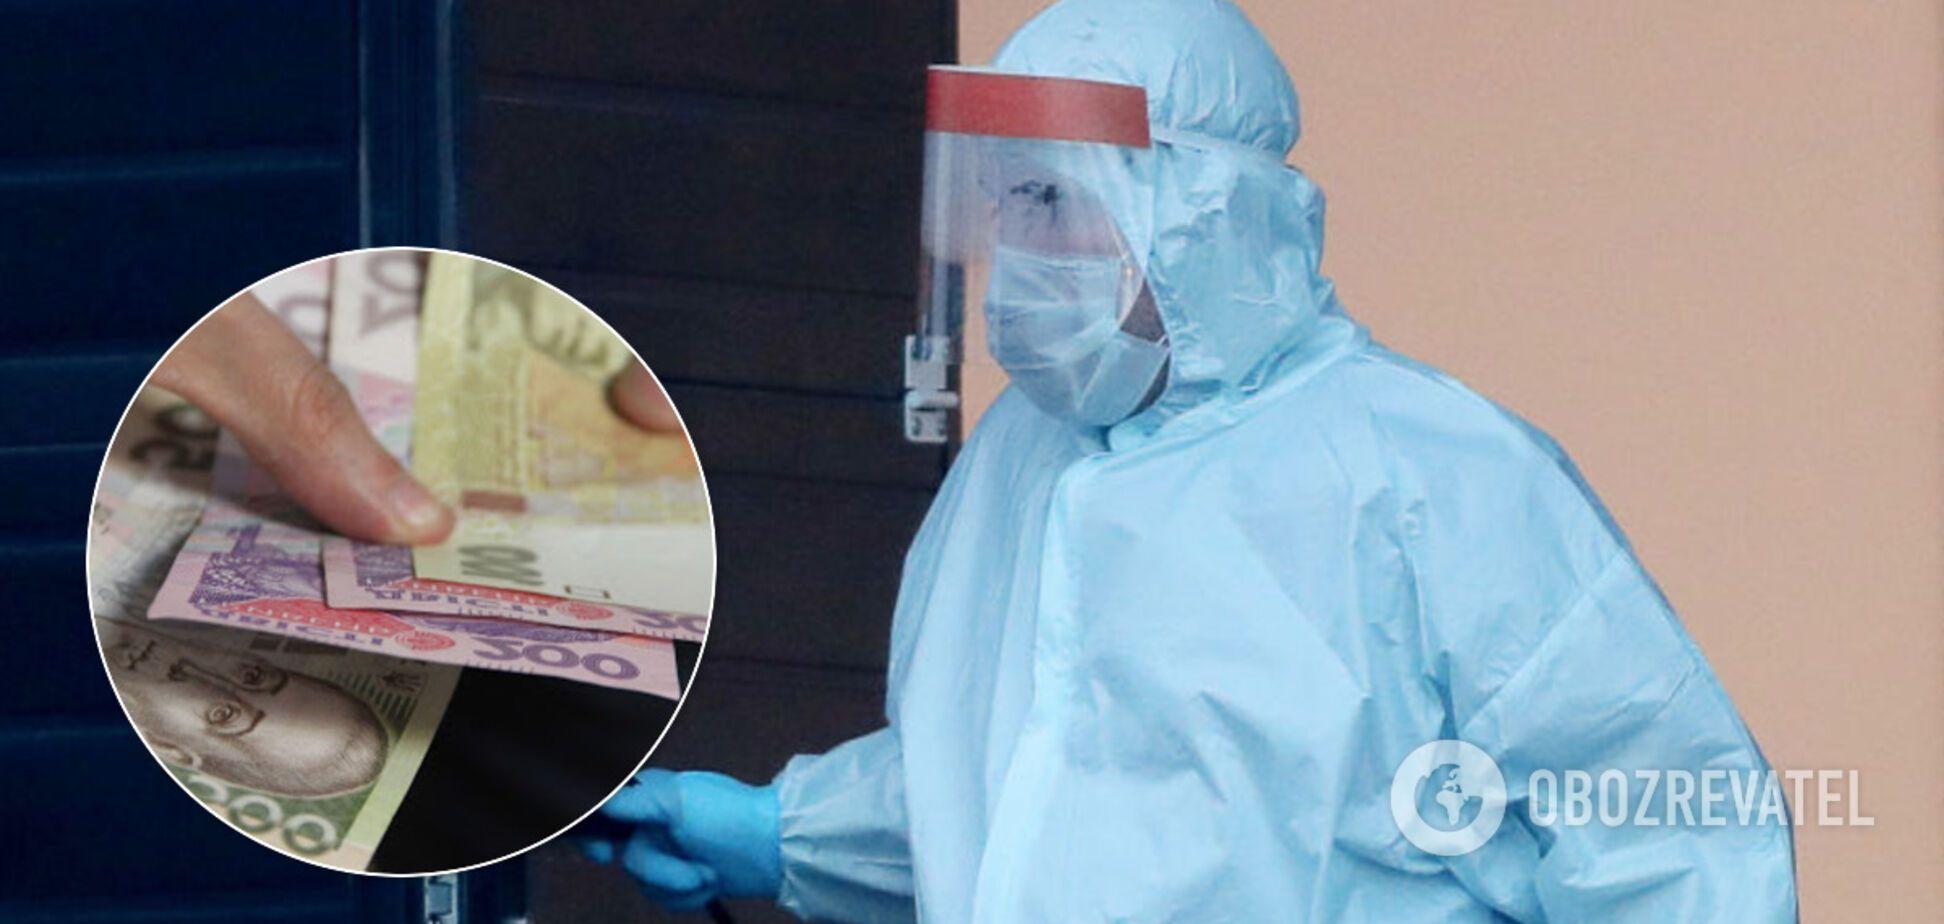 Когда семьи пострадавших от коронавируса медиков получат выплаты: названы сроки и суммы